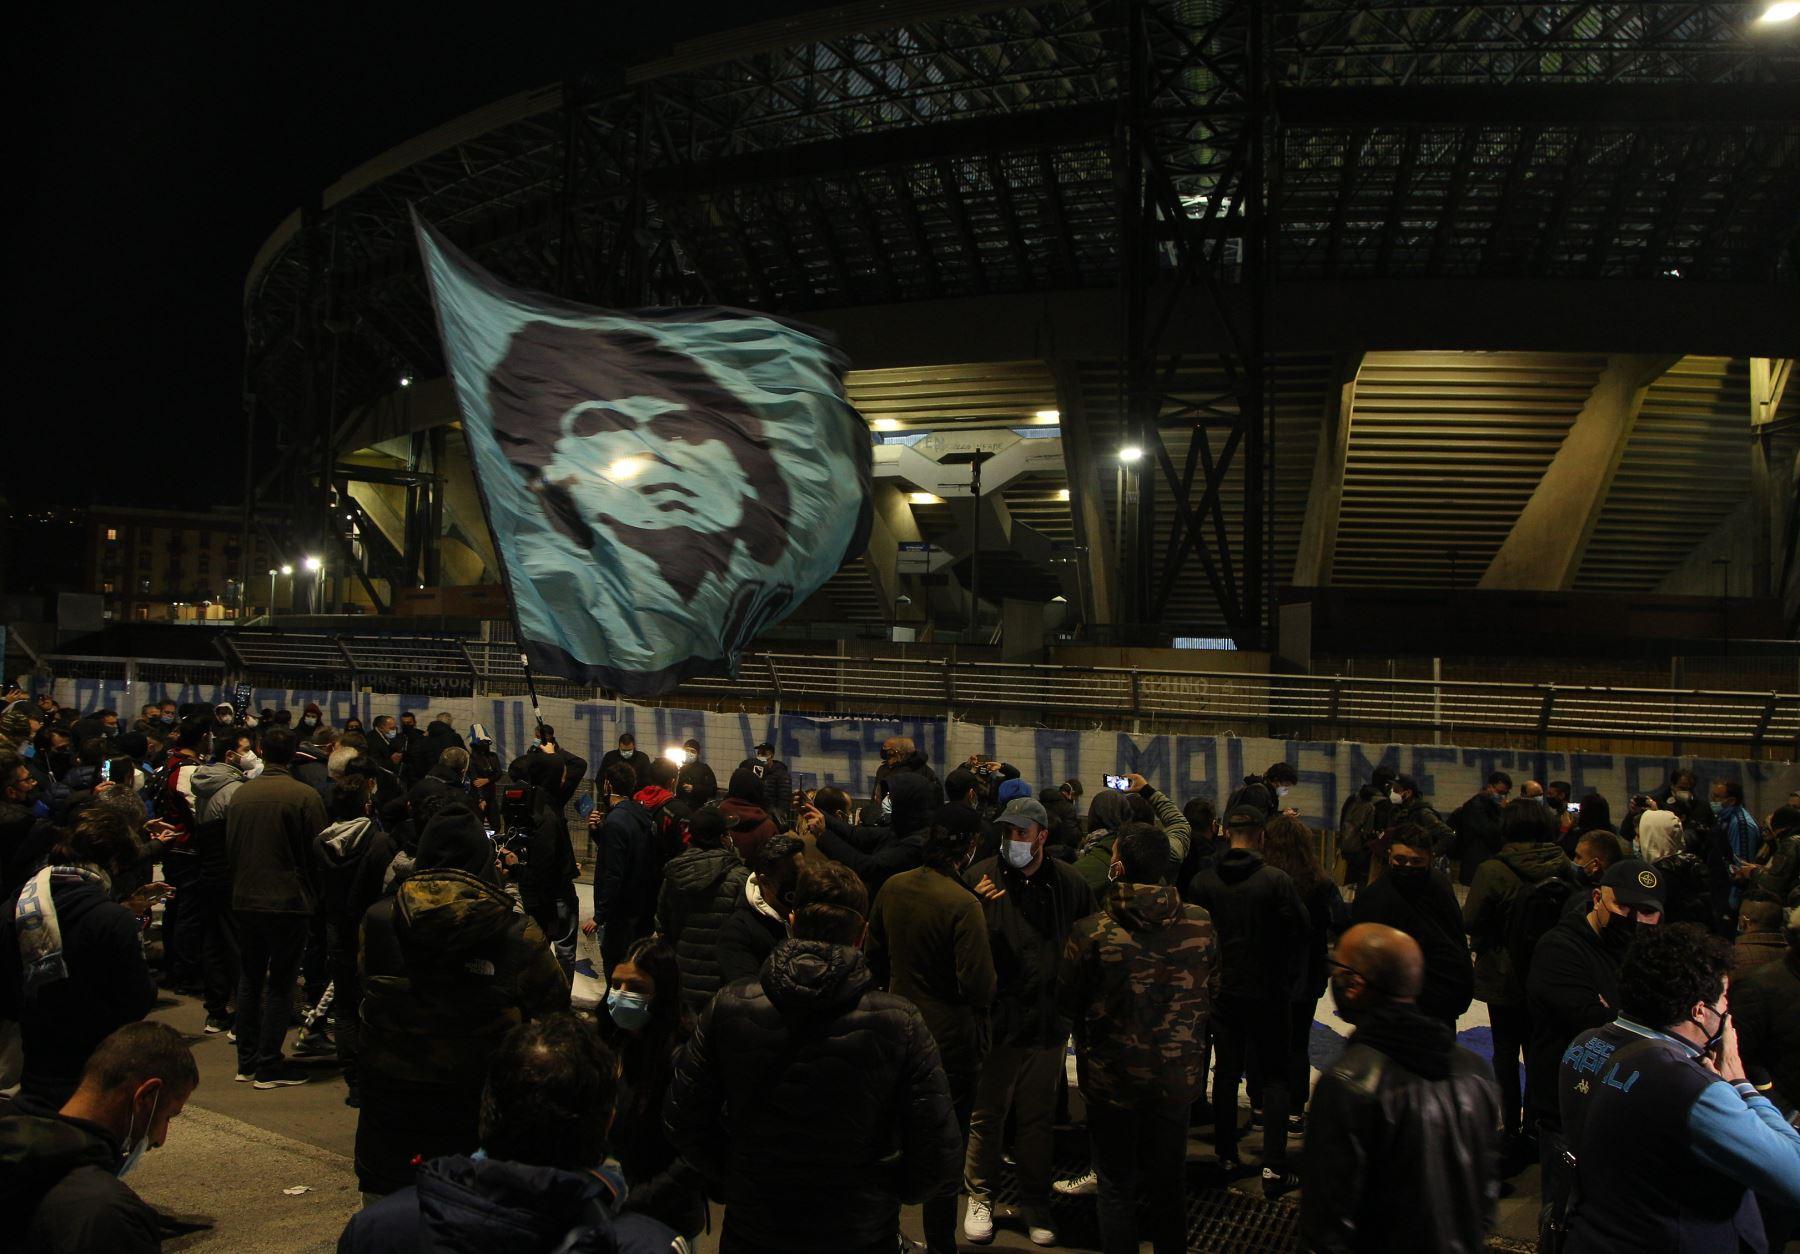 La gente se reúne en la entrada principal del estadio San Paolo en Nápoles, agitando una bandera ante la efigie de la leyenda del fútbol argentino Diego Maradona, para llorar después del anuncio de la muerte de Maradona. Foto: AFP